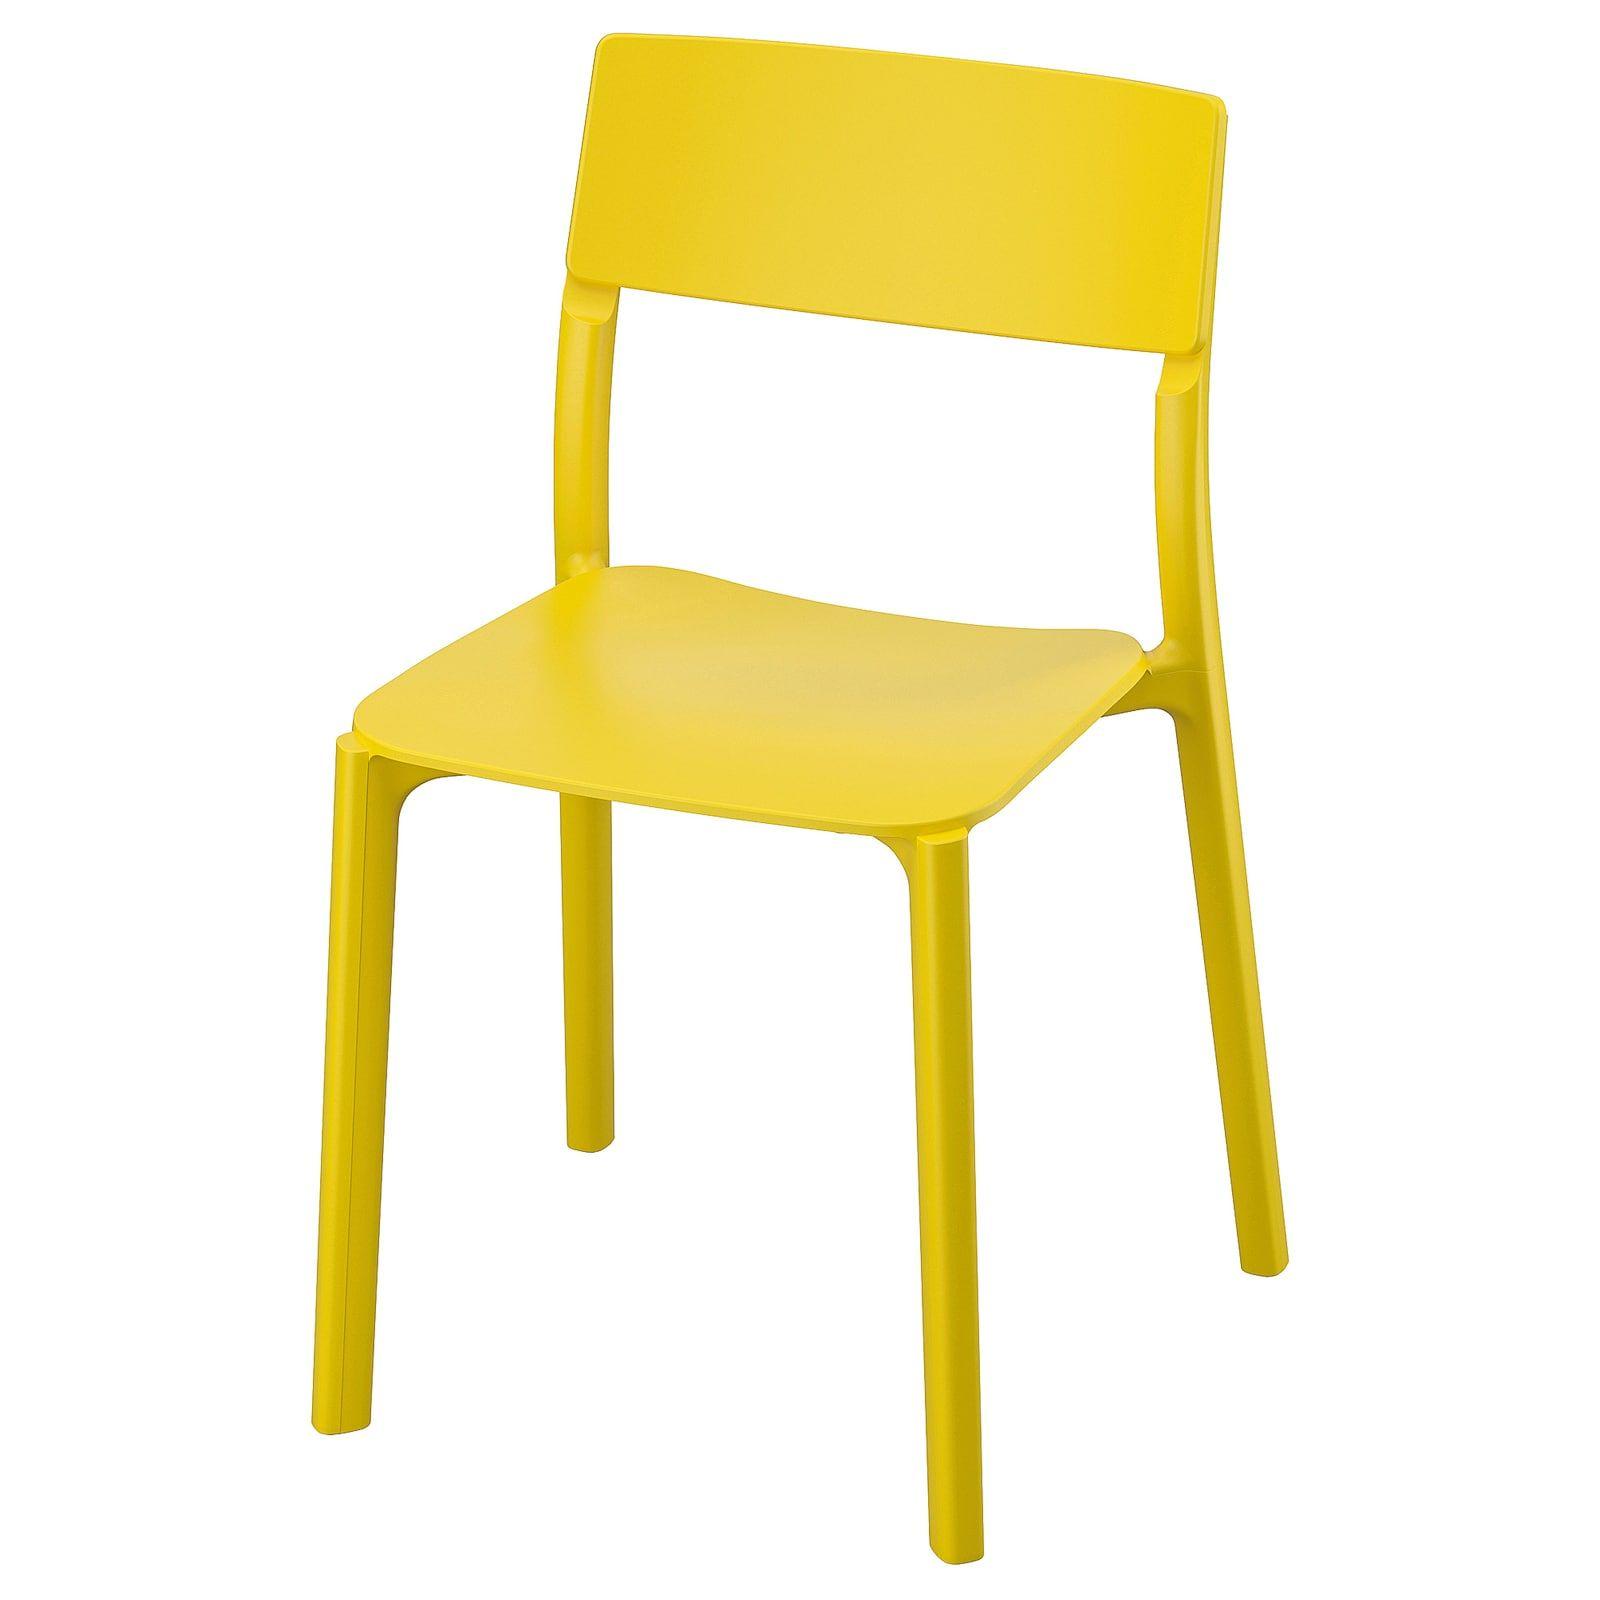 Janinge Chaise Jaune In 2020 Stuhle Ikea Gelb